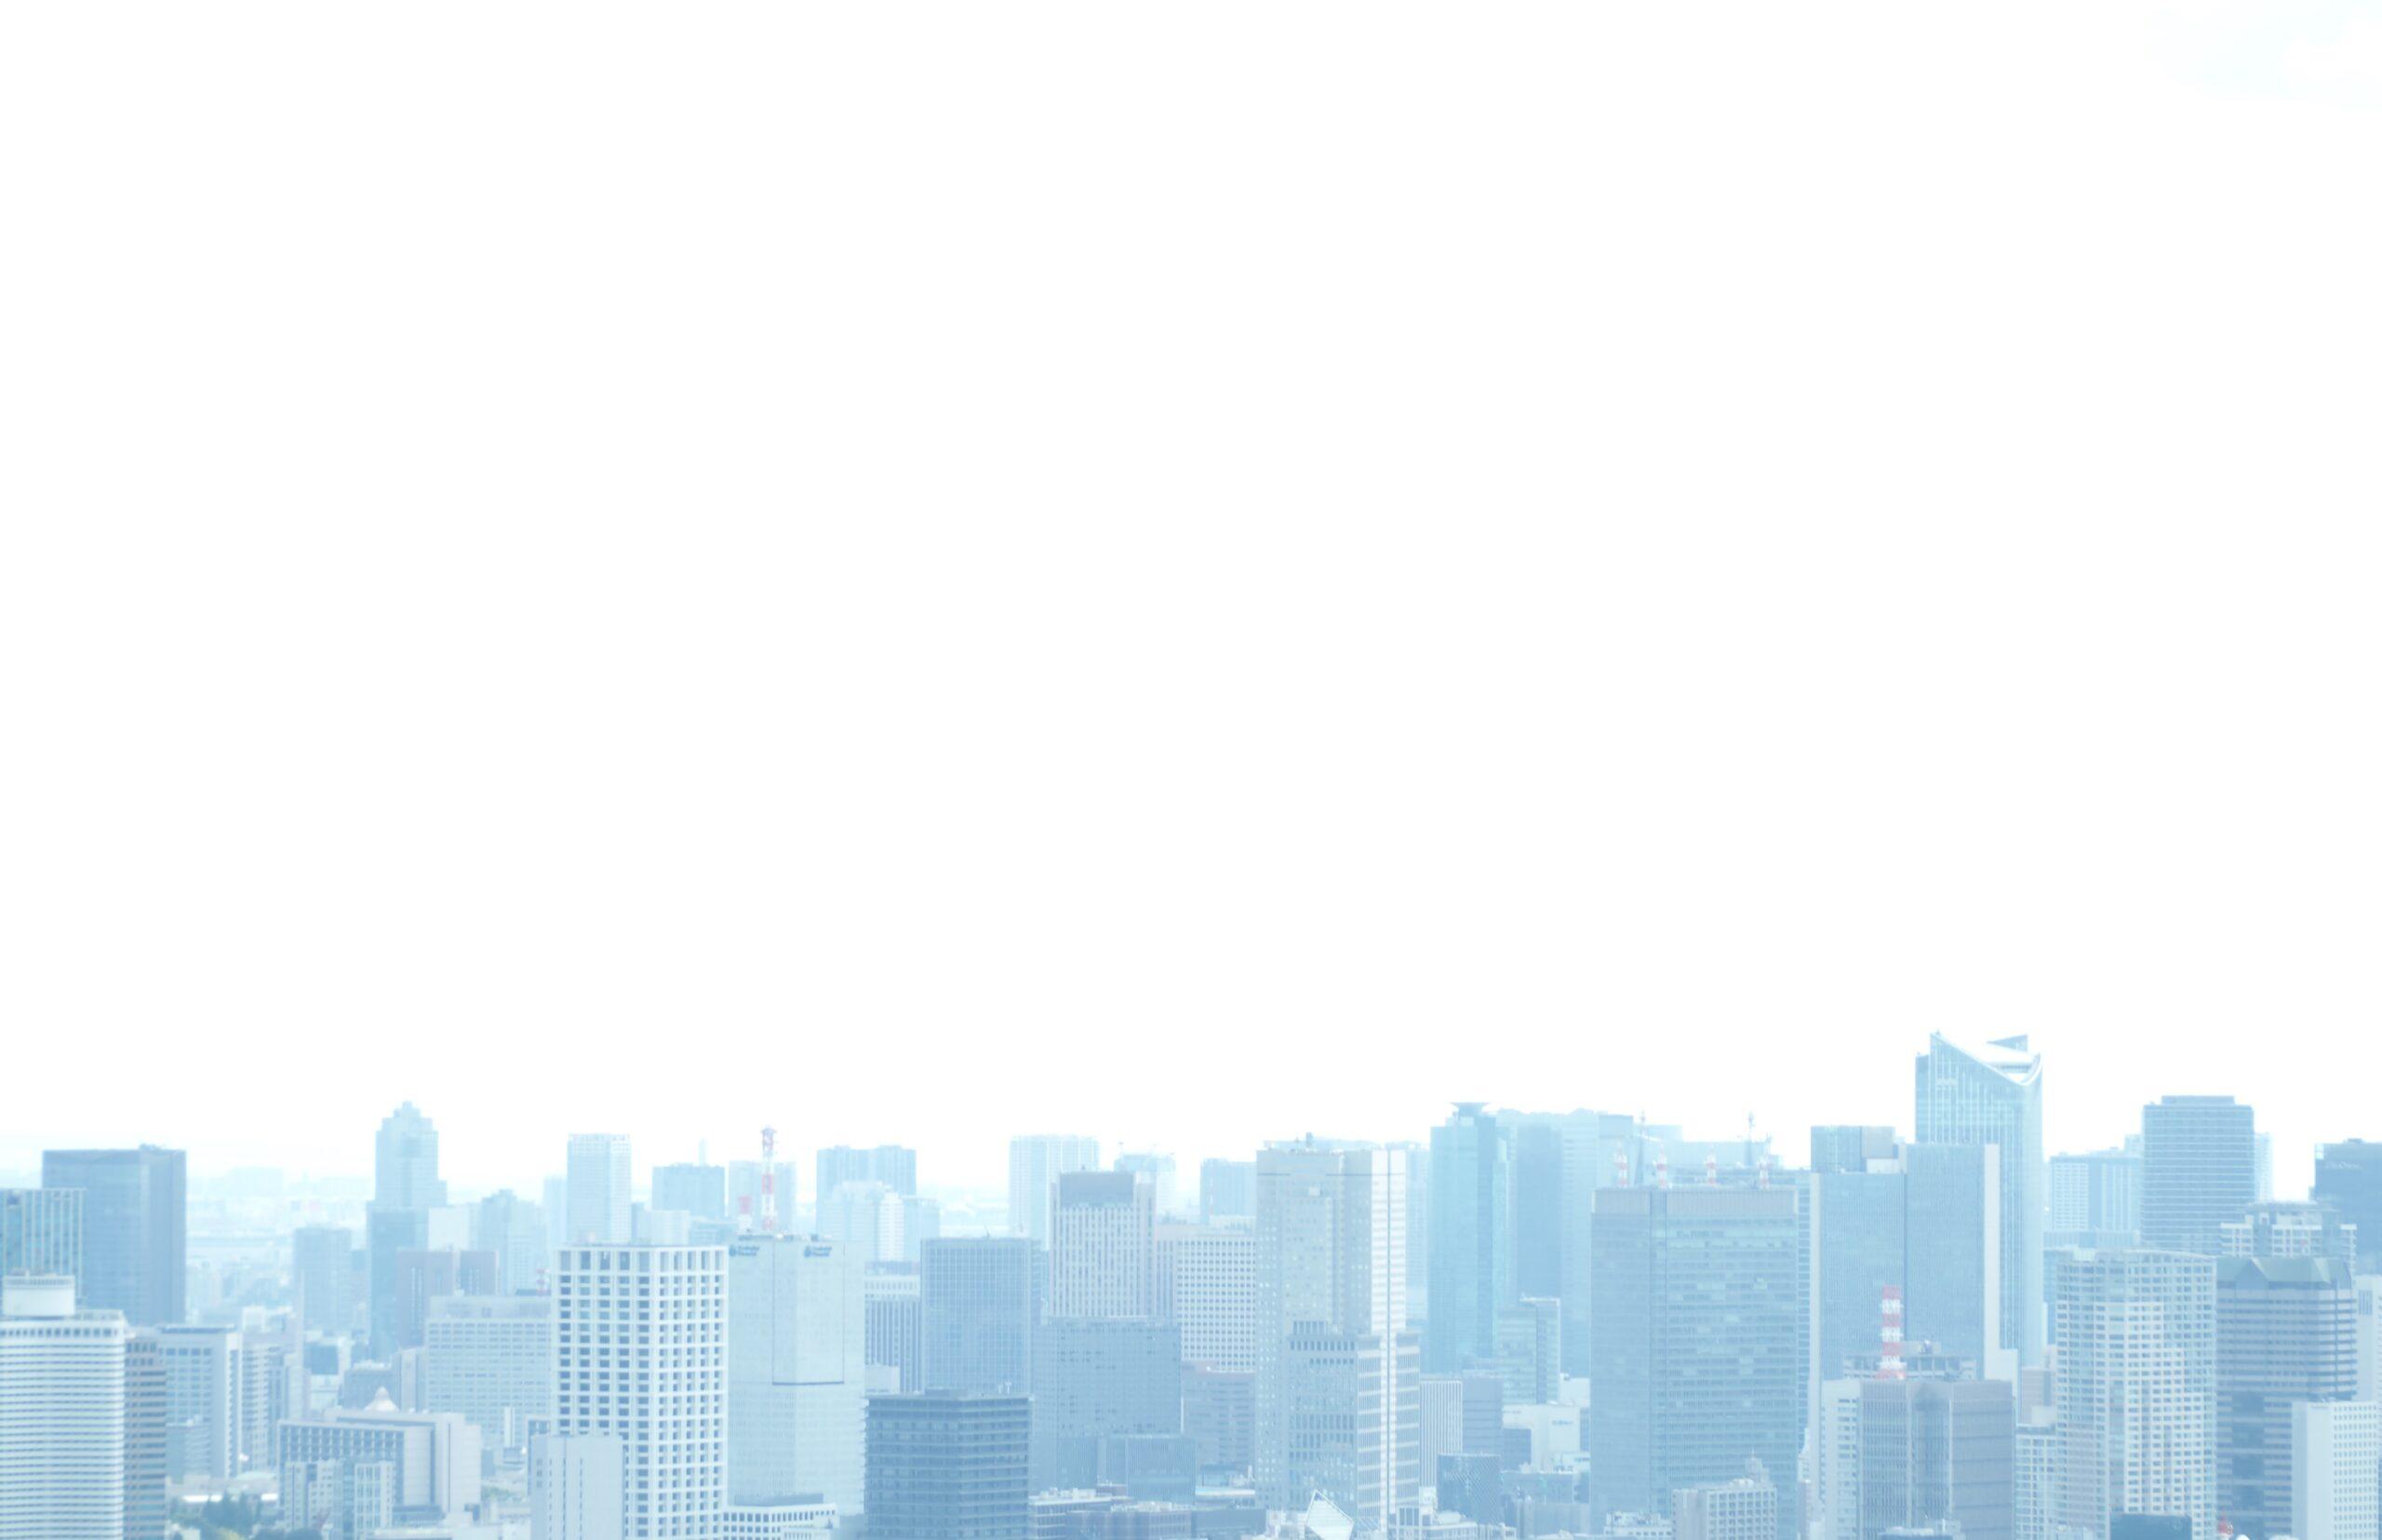 不動産取引市場、Jリートと外資下支え―コロナ禍でも売買は維持 日本不動産研究所